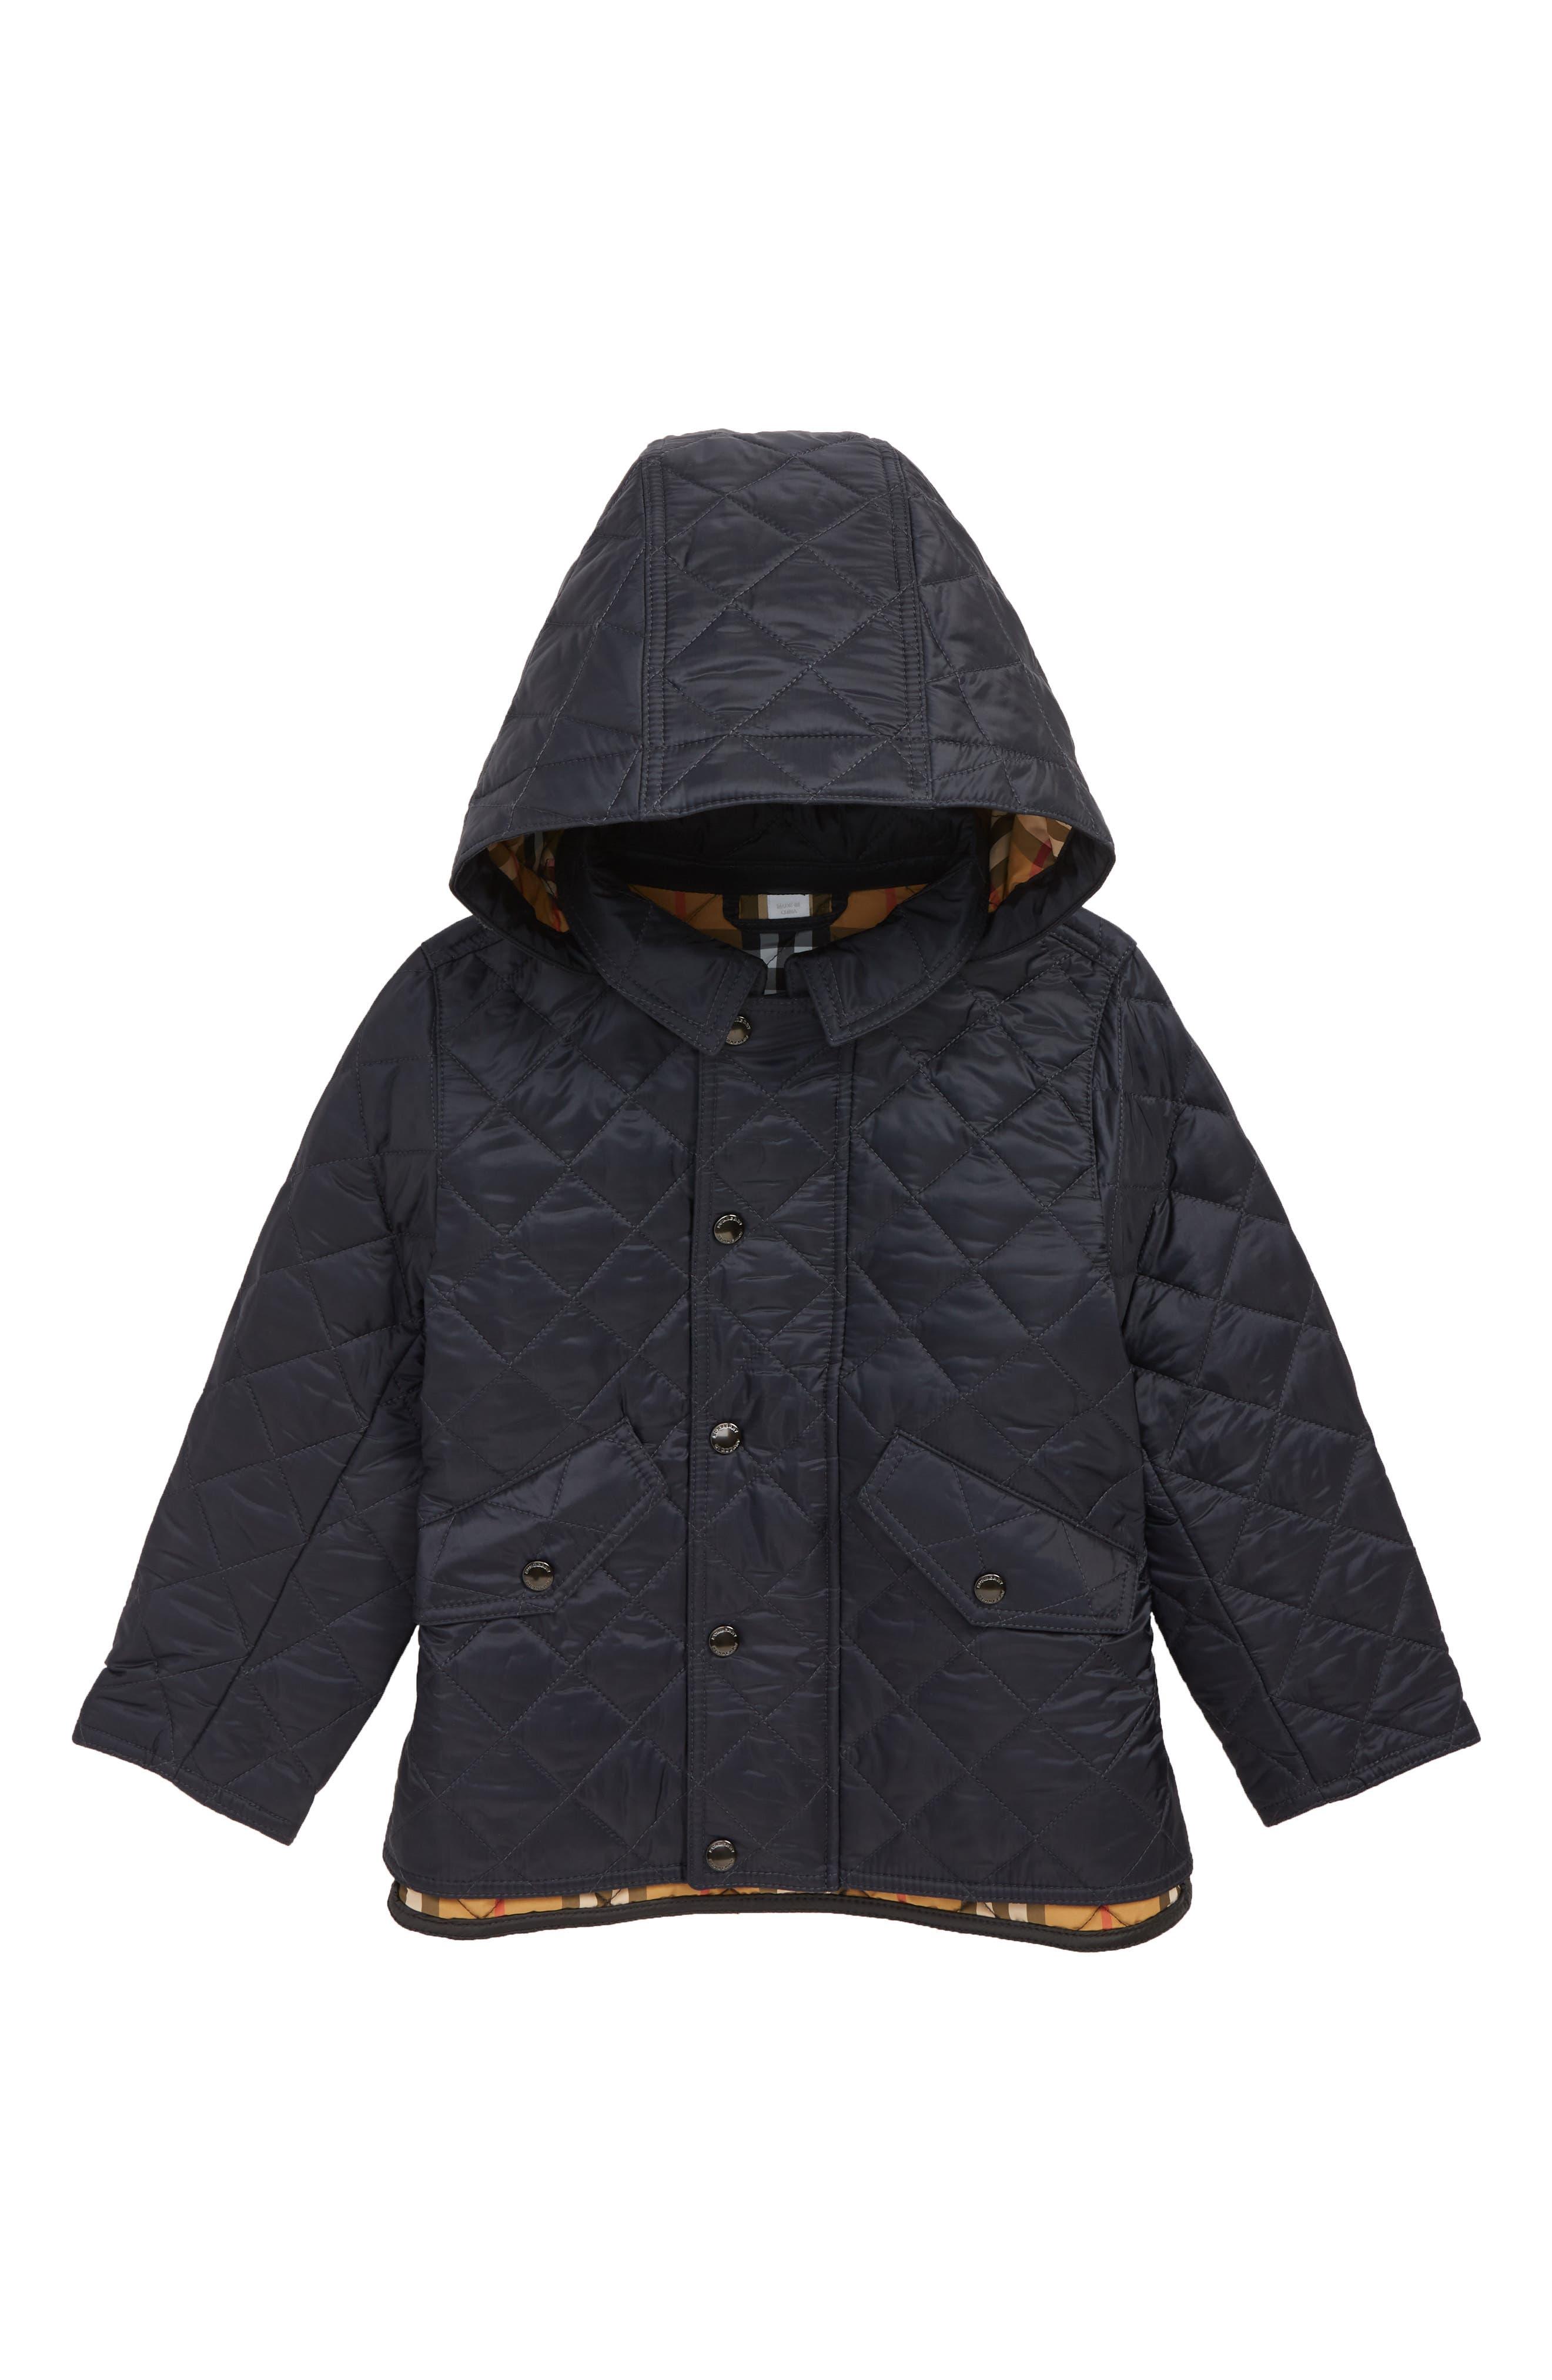 a110ecd8fec2 burberry raincoats